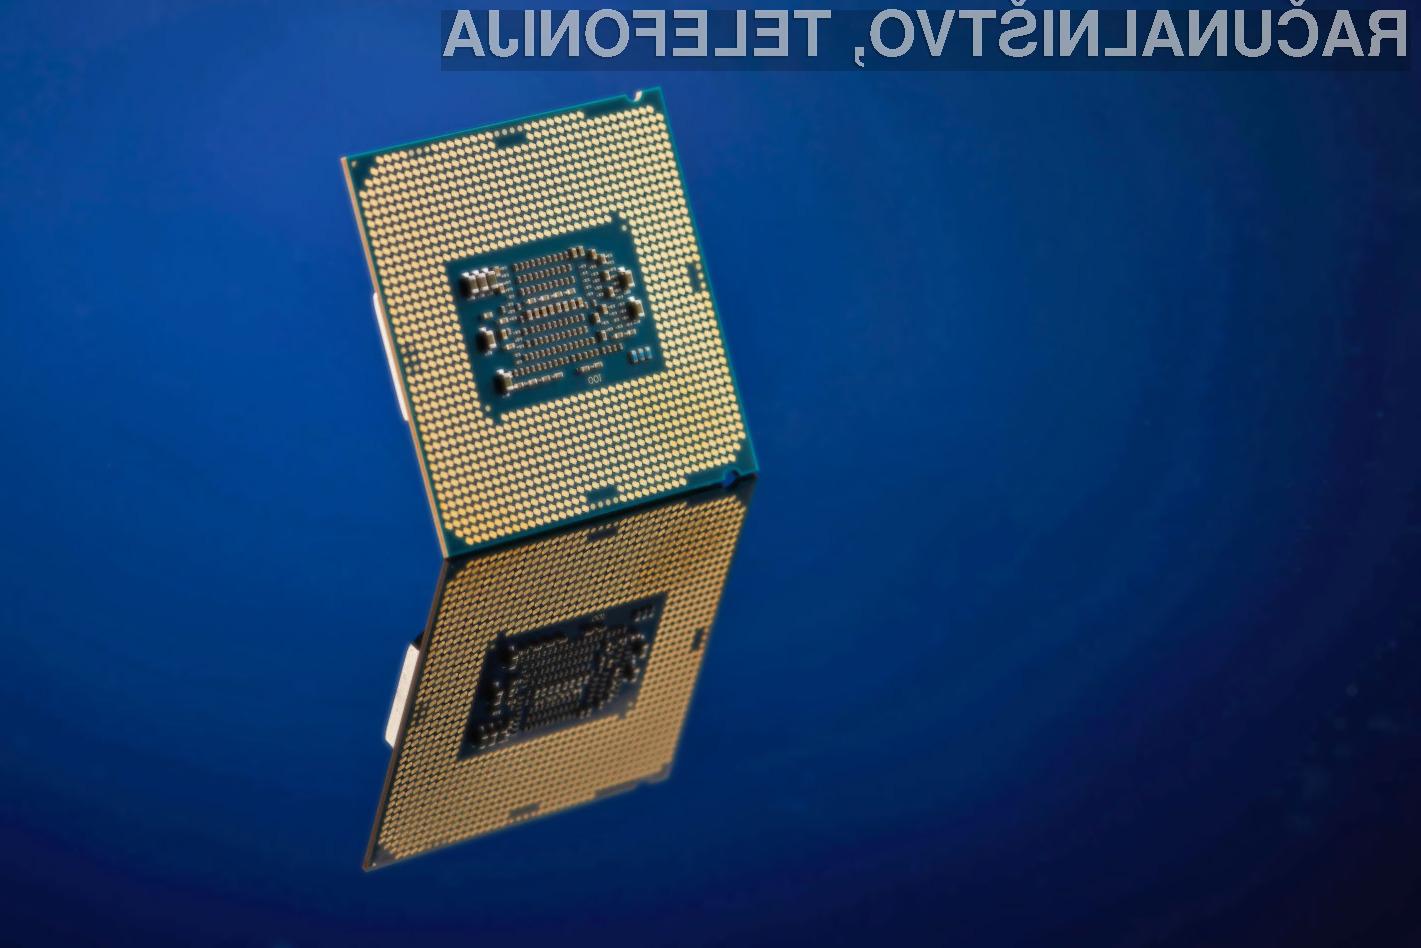 Tu je napreden procesor z 10-nanometrsko tehnologijo